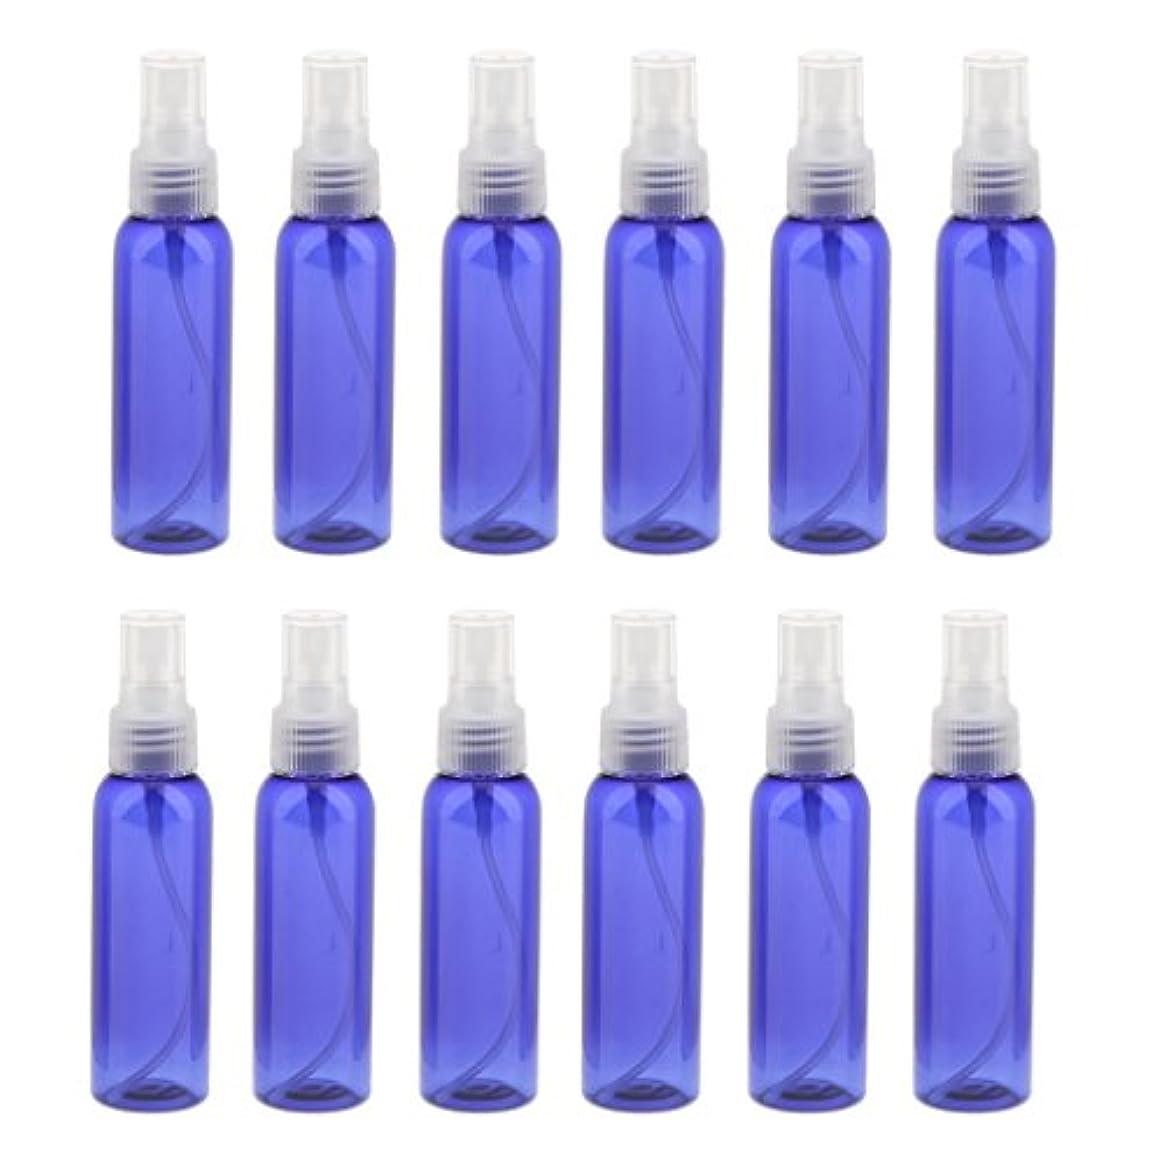 言い換えるとチップ今後Kesoto お買い得! 空 旅行用 スプレーボトル  アトマイザー 液体香水 軽量 便利 詰め替え&ポータブル 12本 60ML 全3色 - クリア